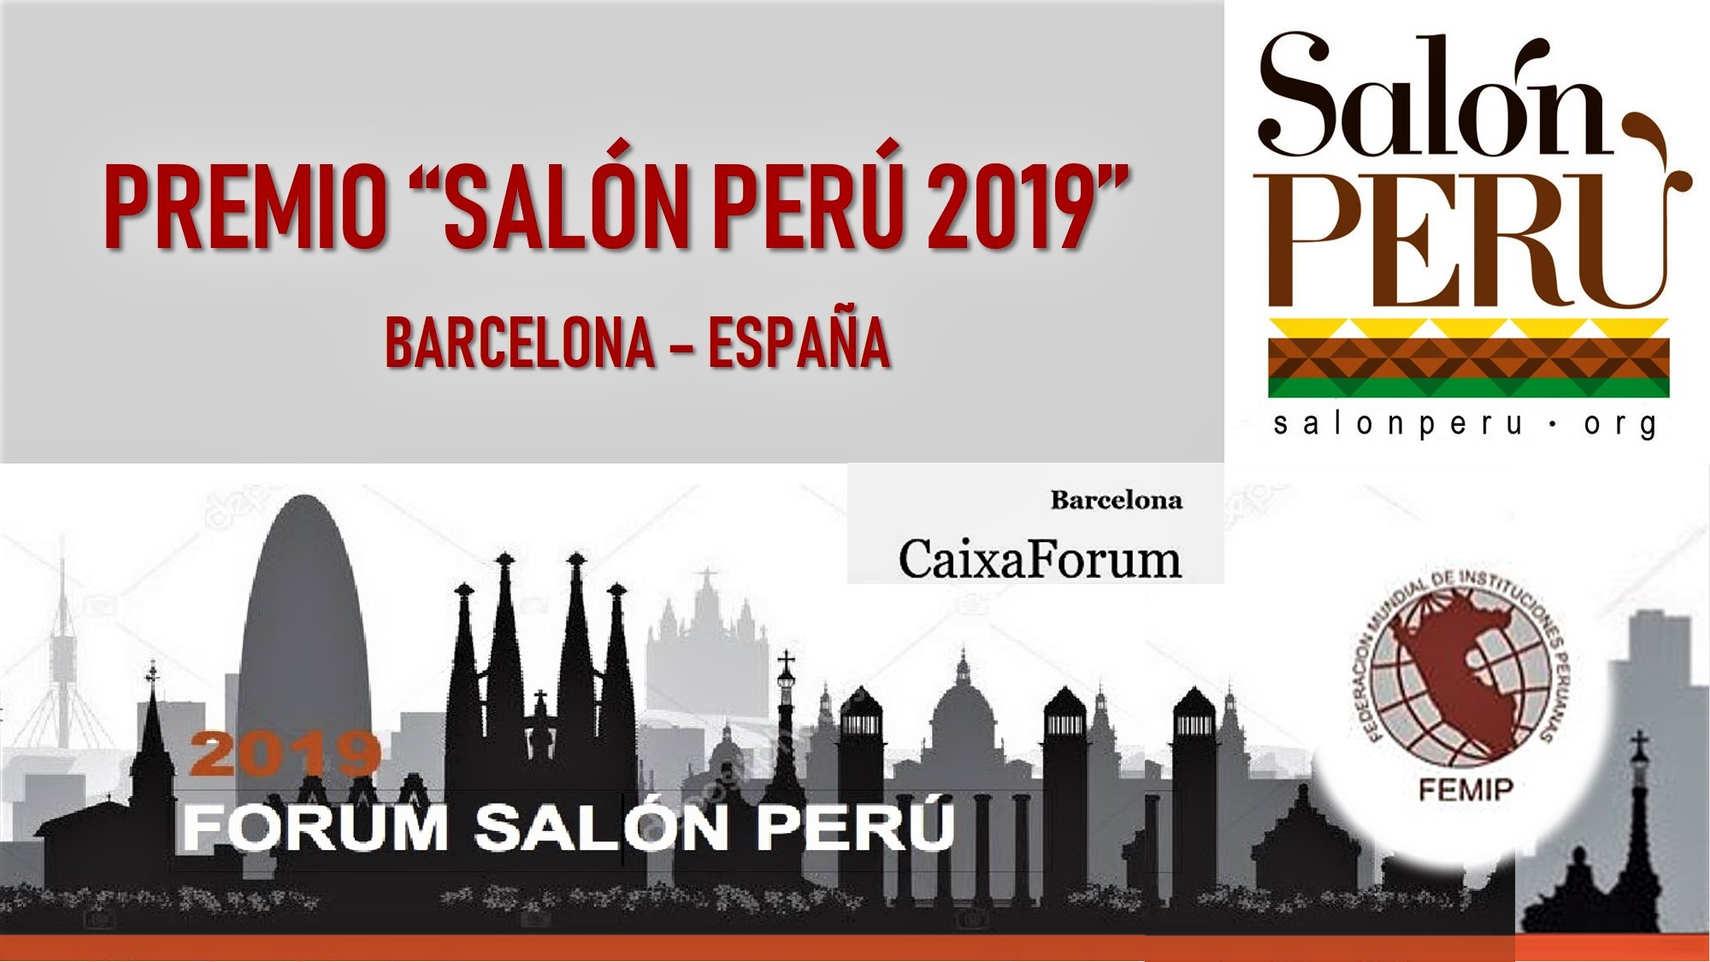 IMAGEN PREMIO SALON PERU.jpg